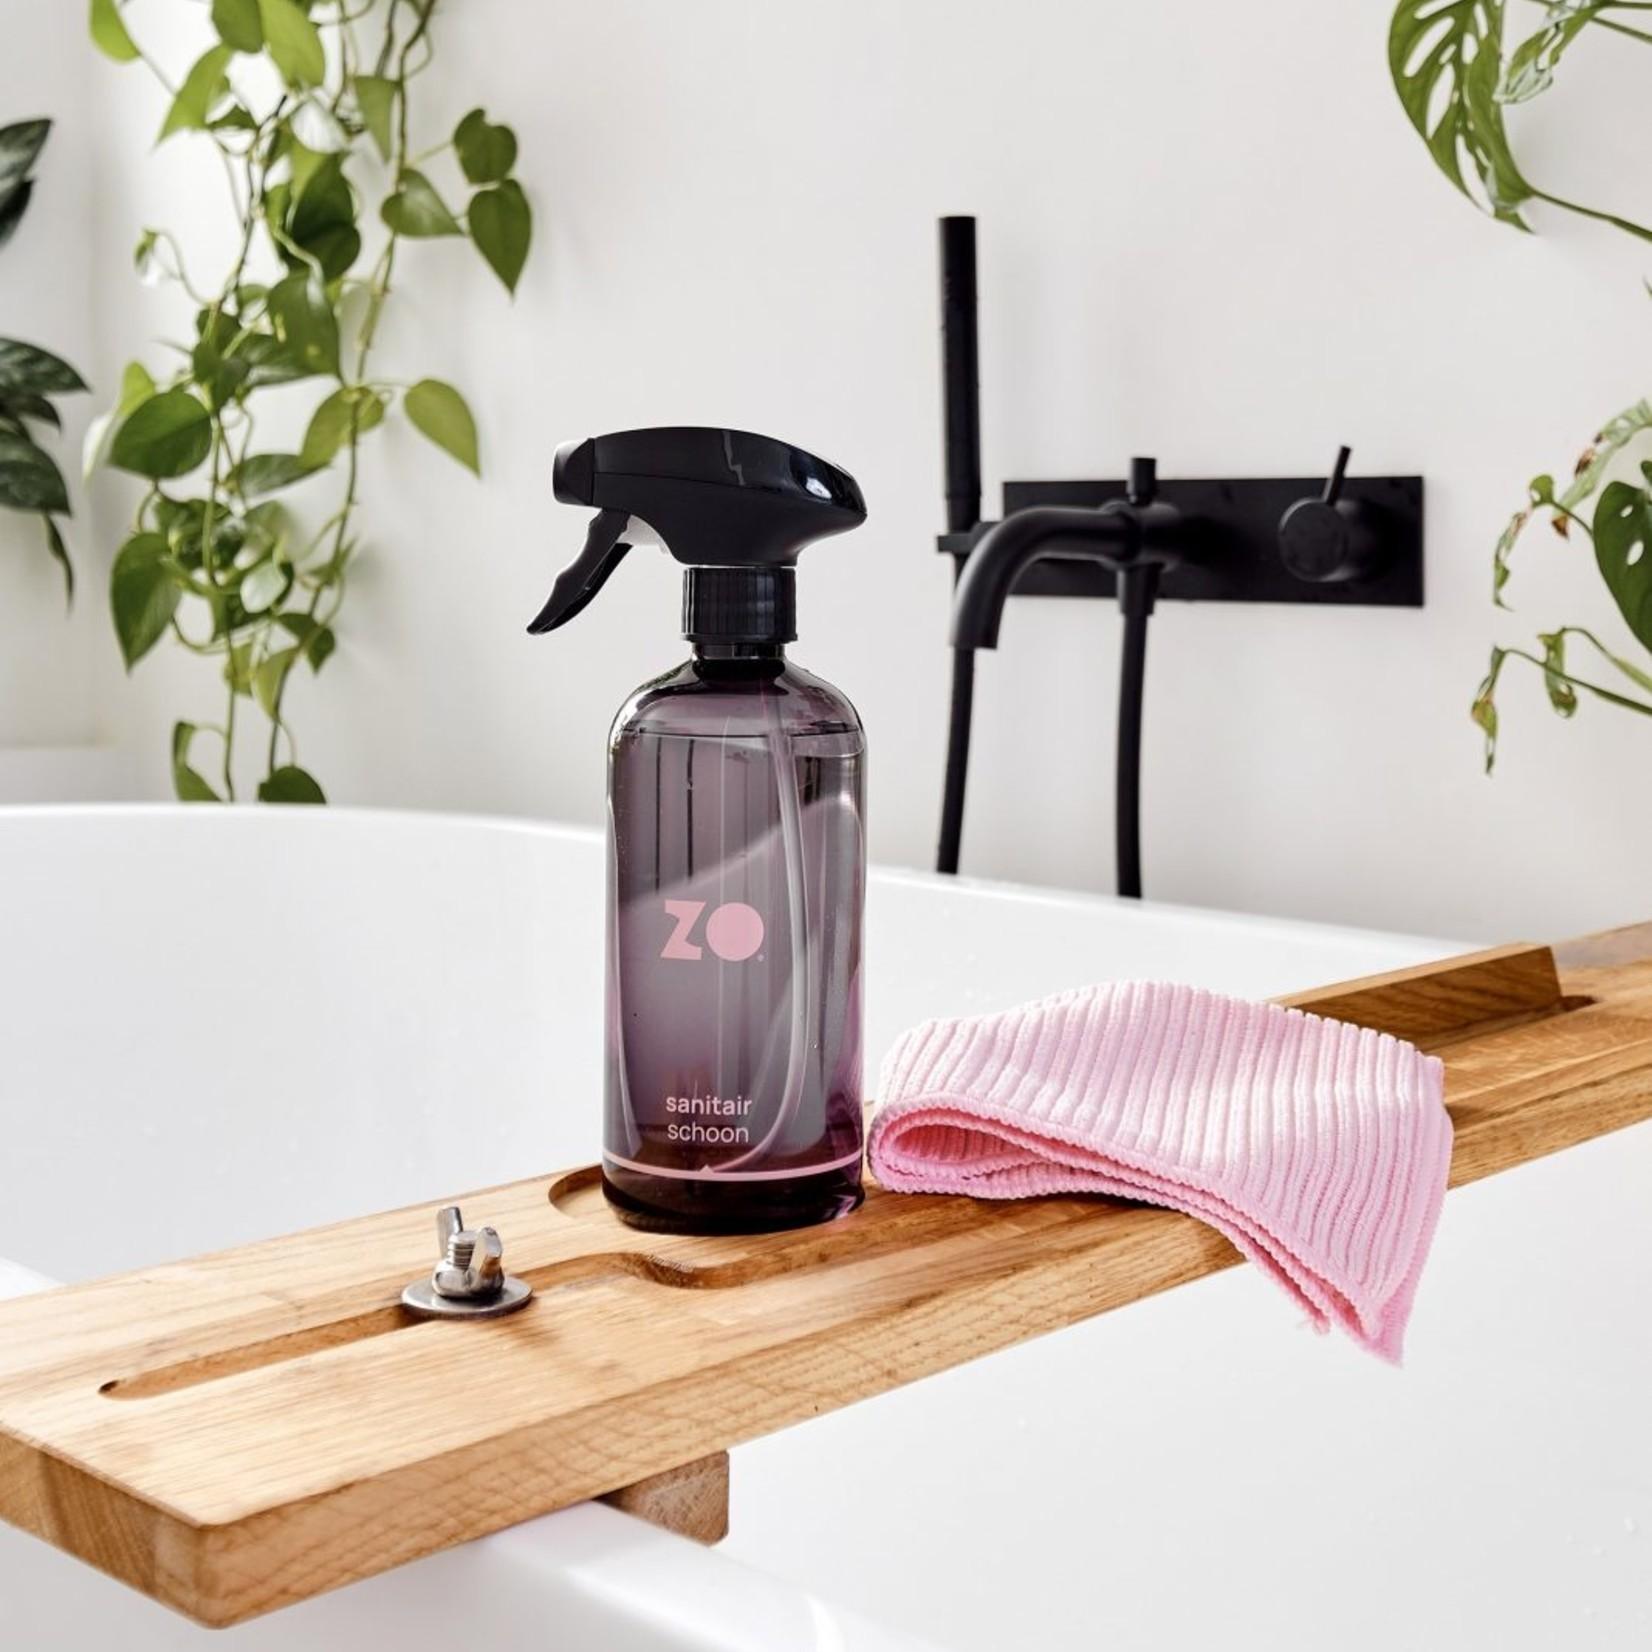 ZO Schoon ZO sanitair schoon - Startpakket